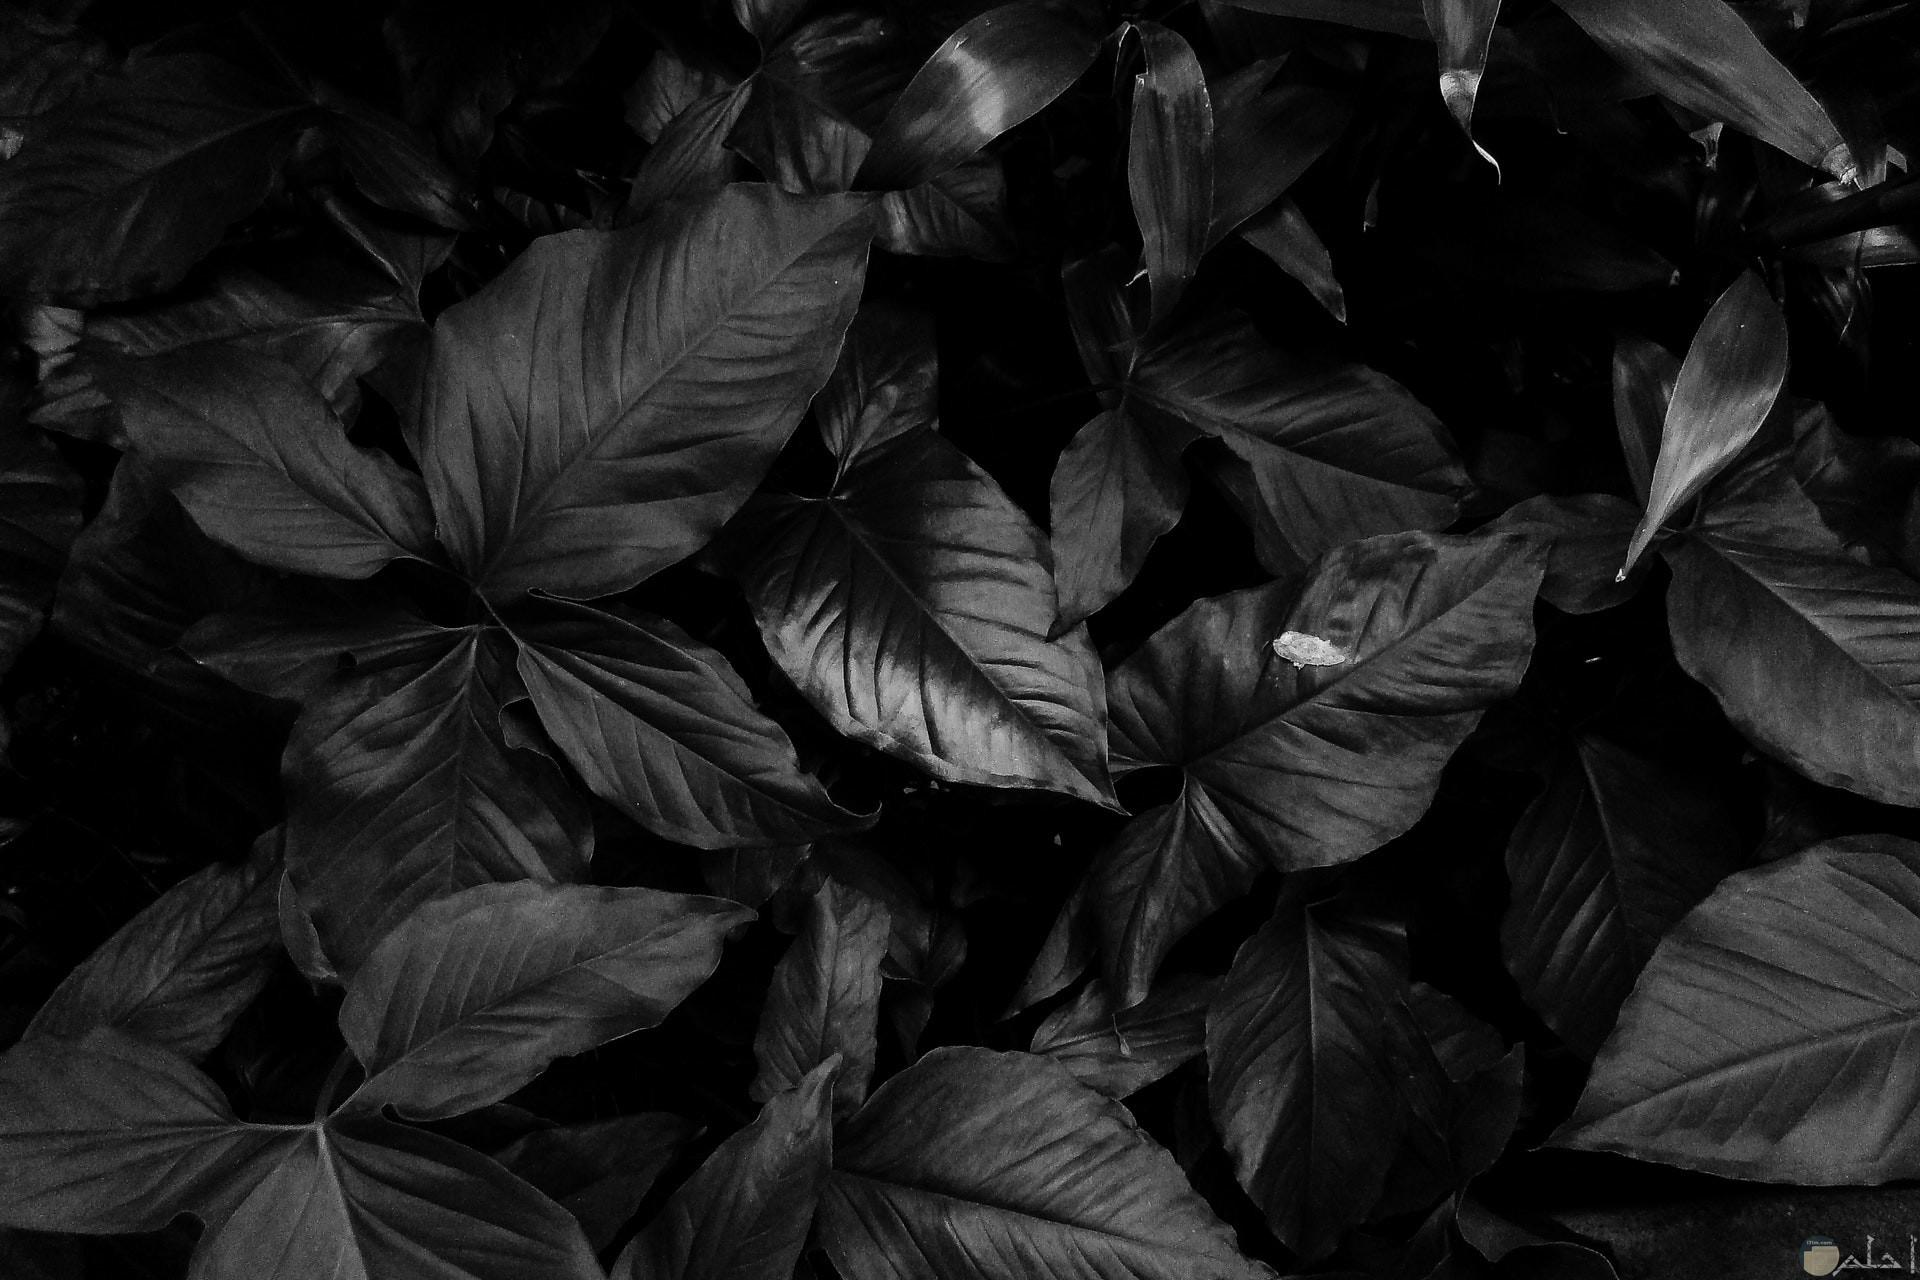 صورة كئيبة باللون الأبيض والأسود لشكل ورد باللون الأسود حزين